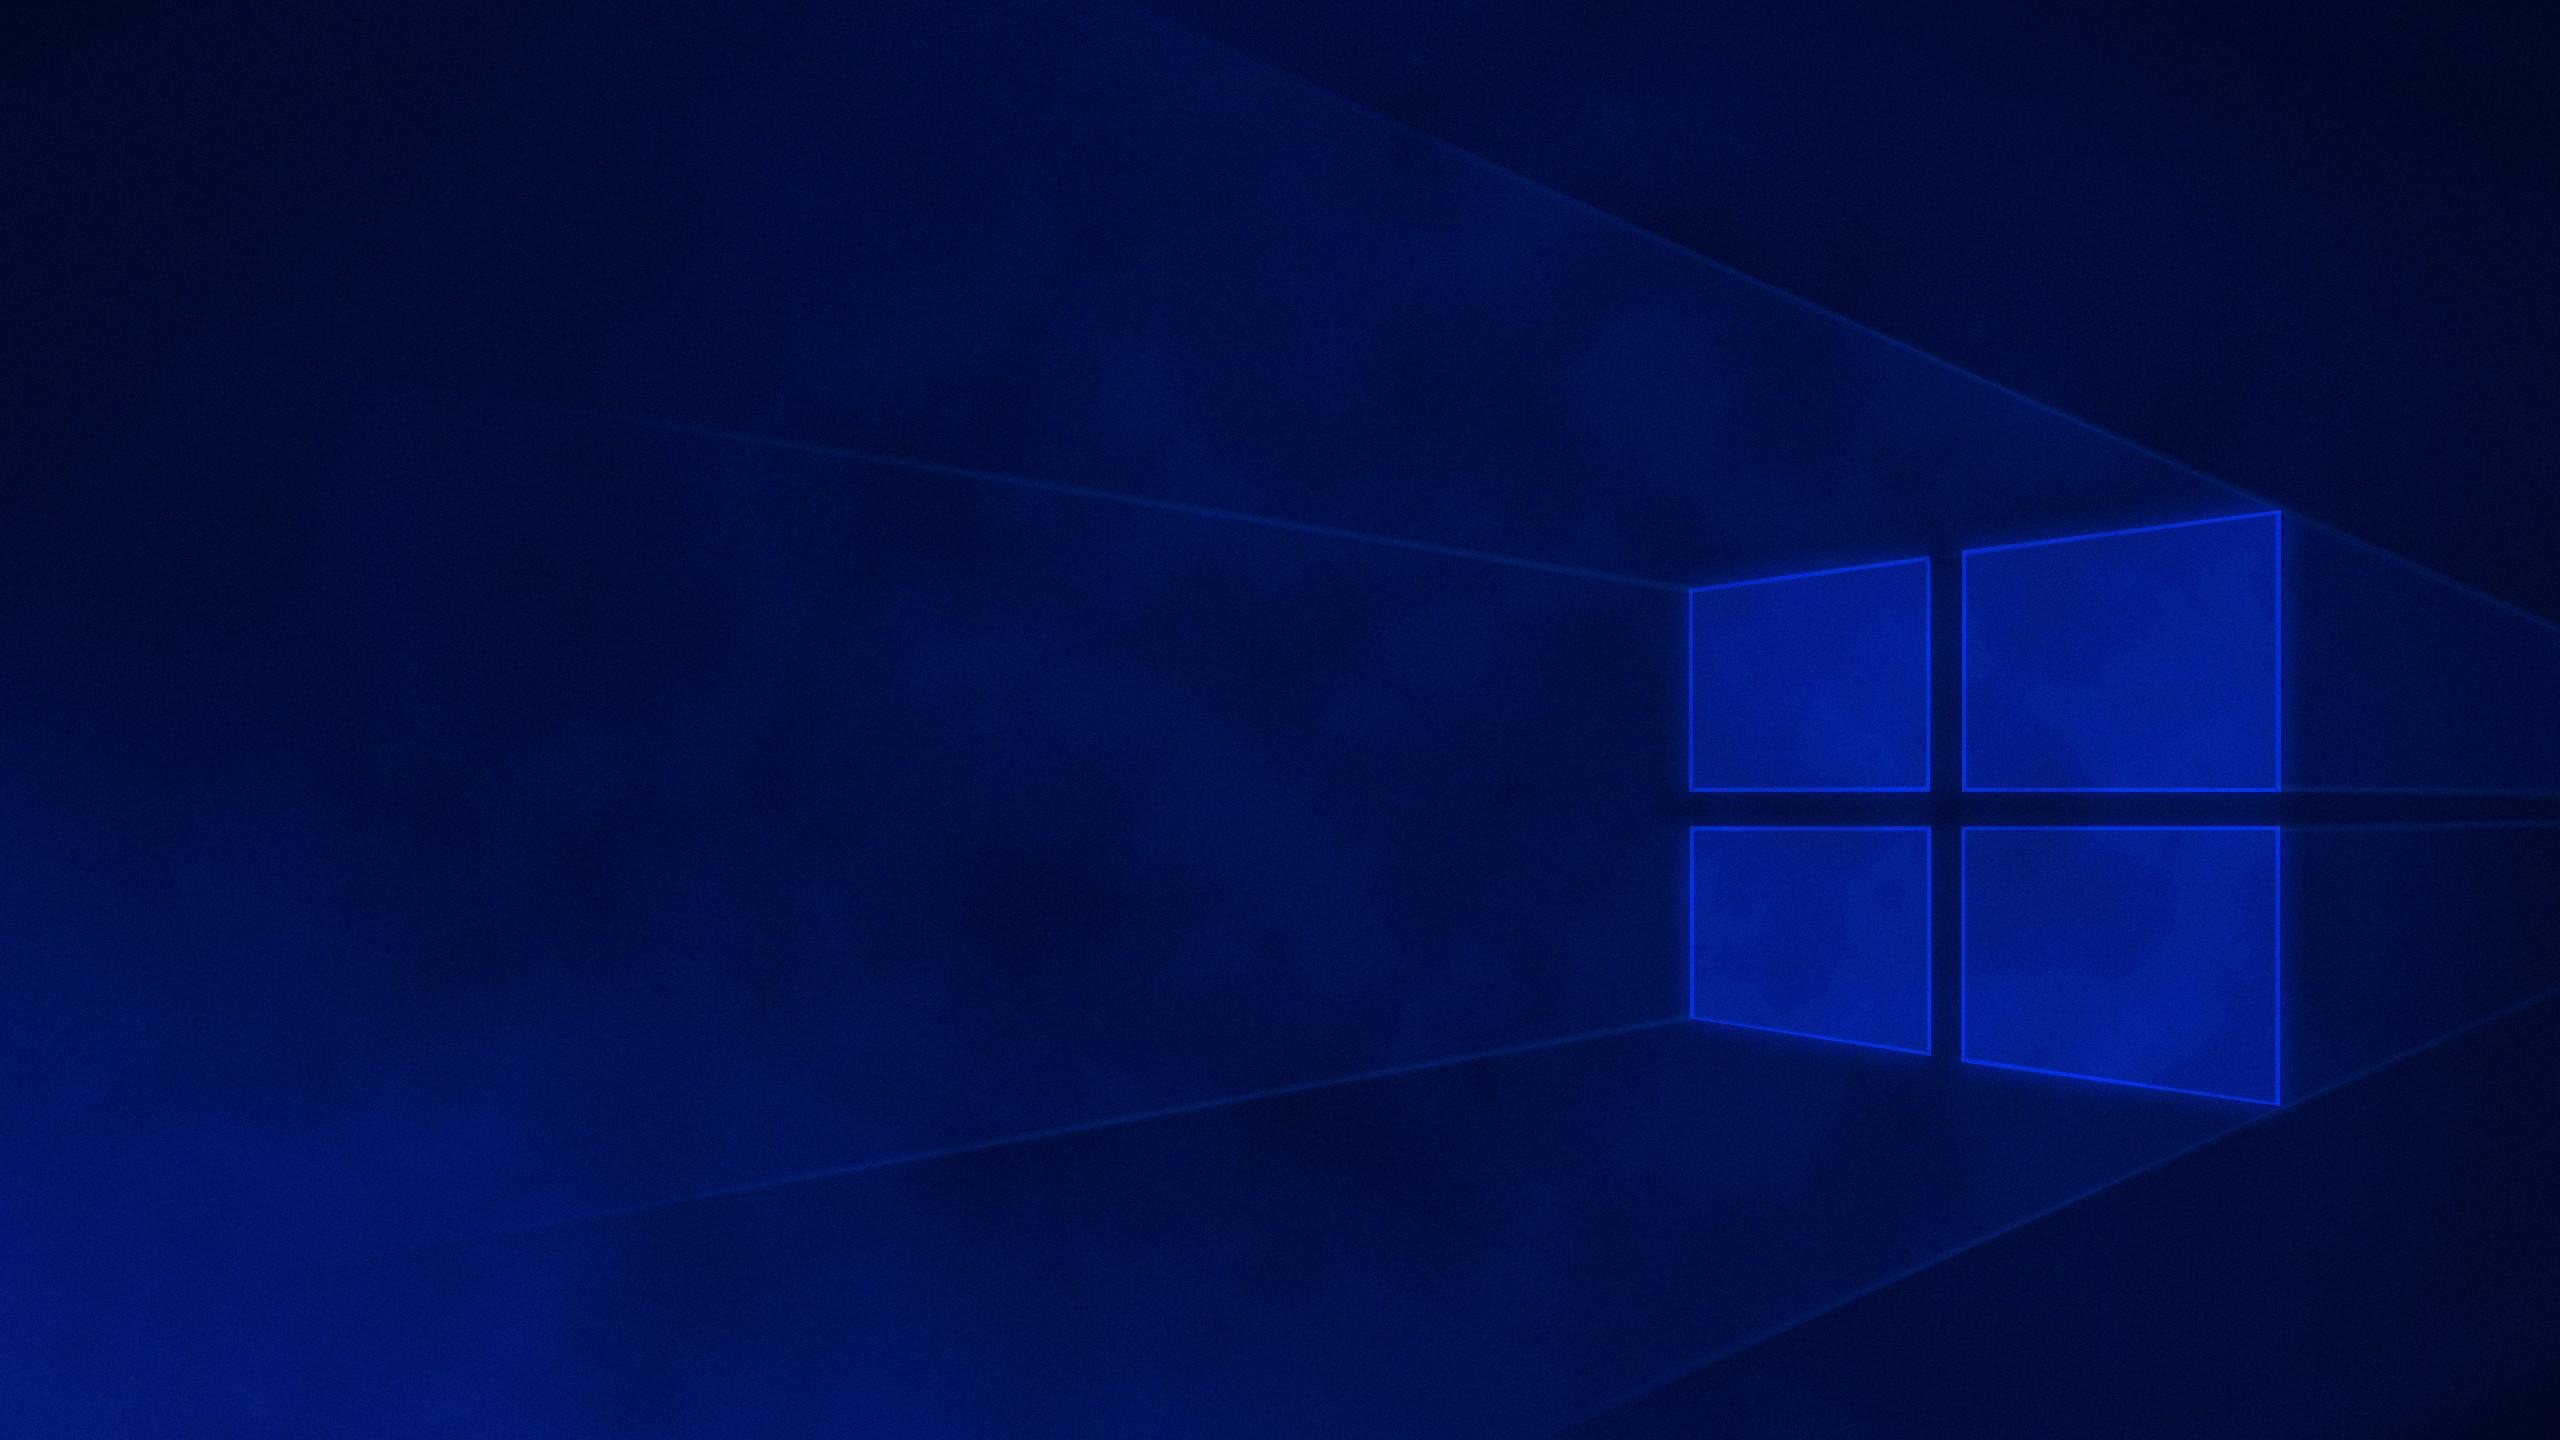 Windows 10 как сделать заставку для 182